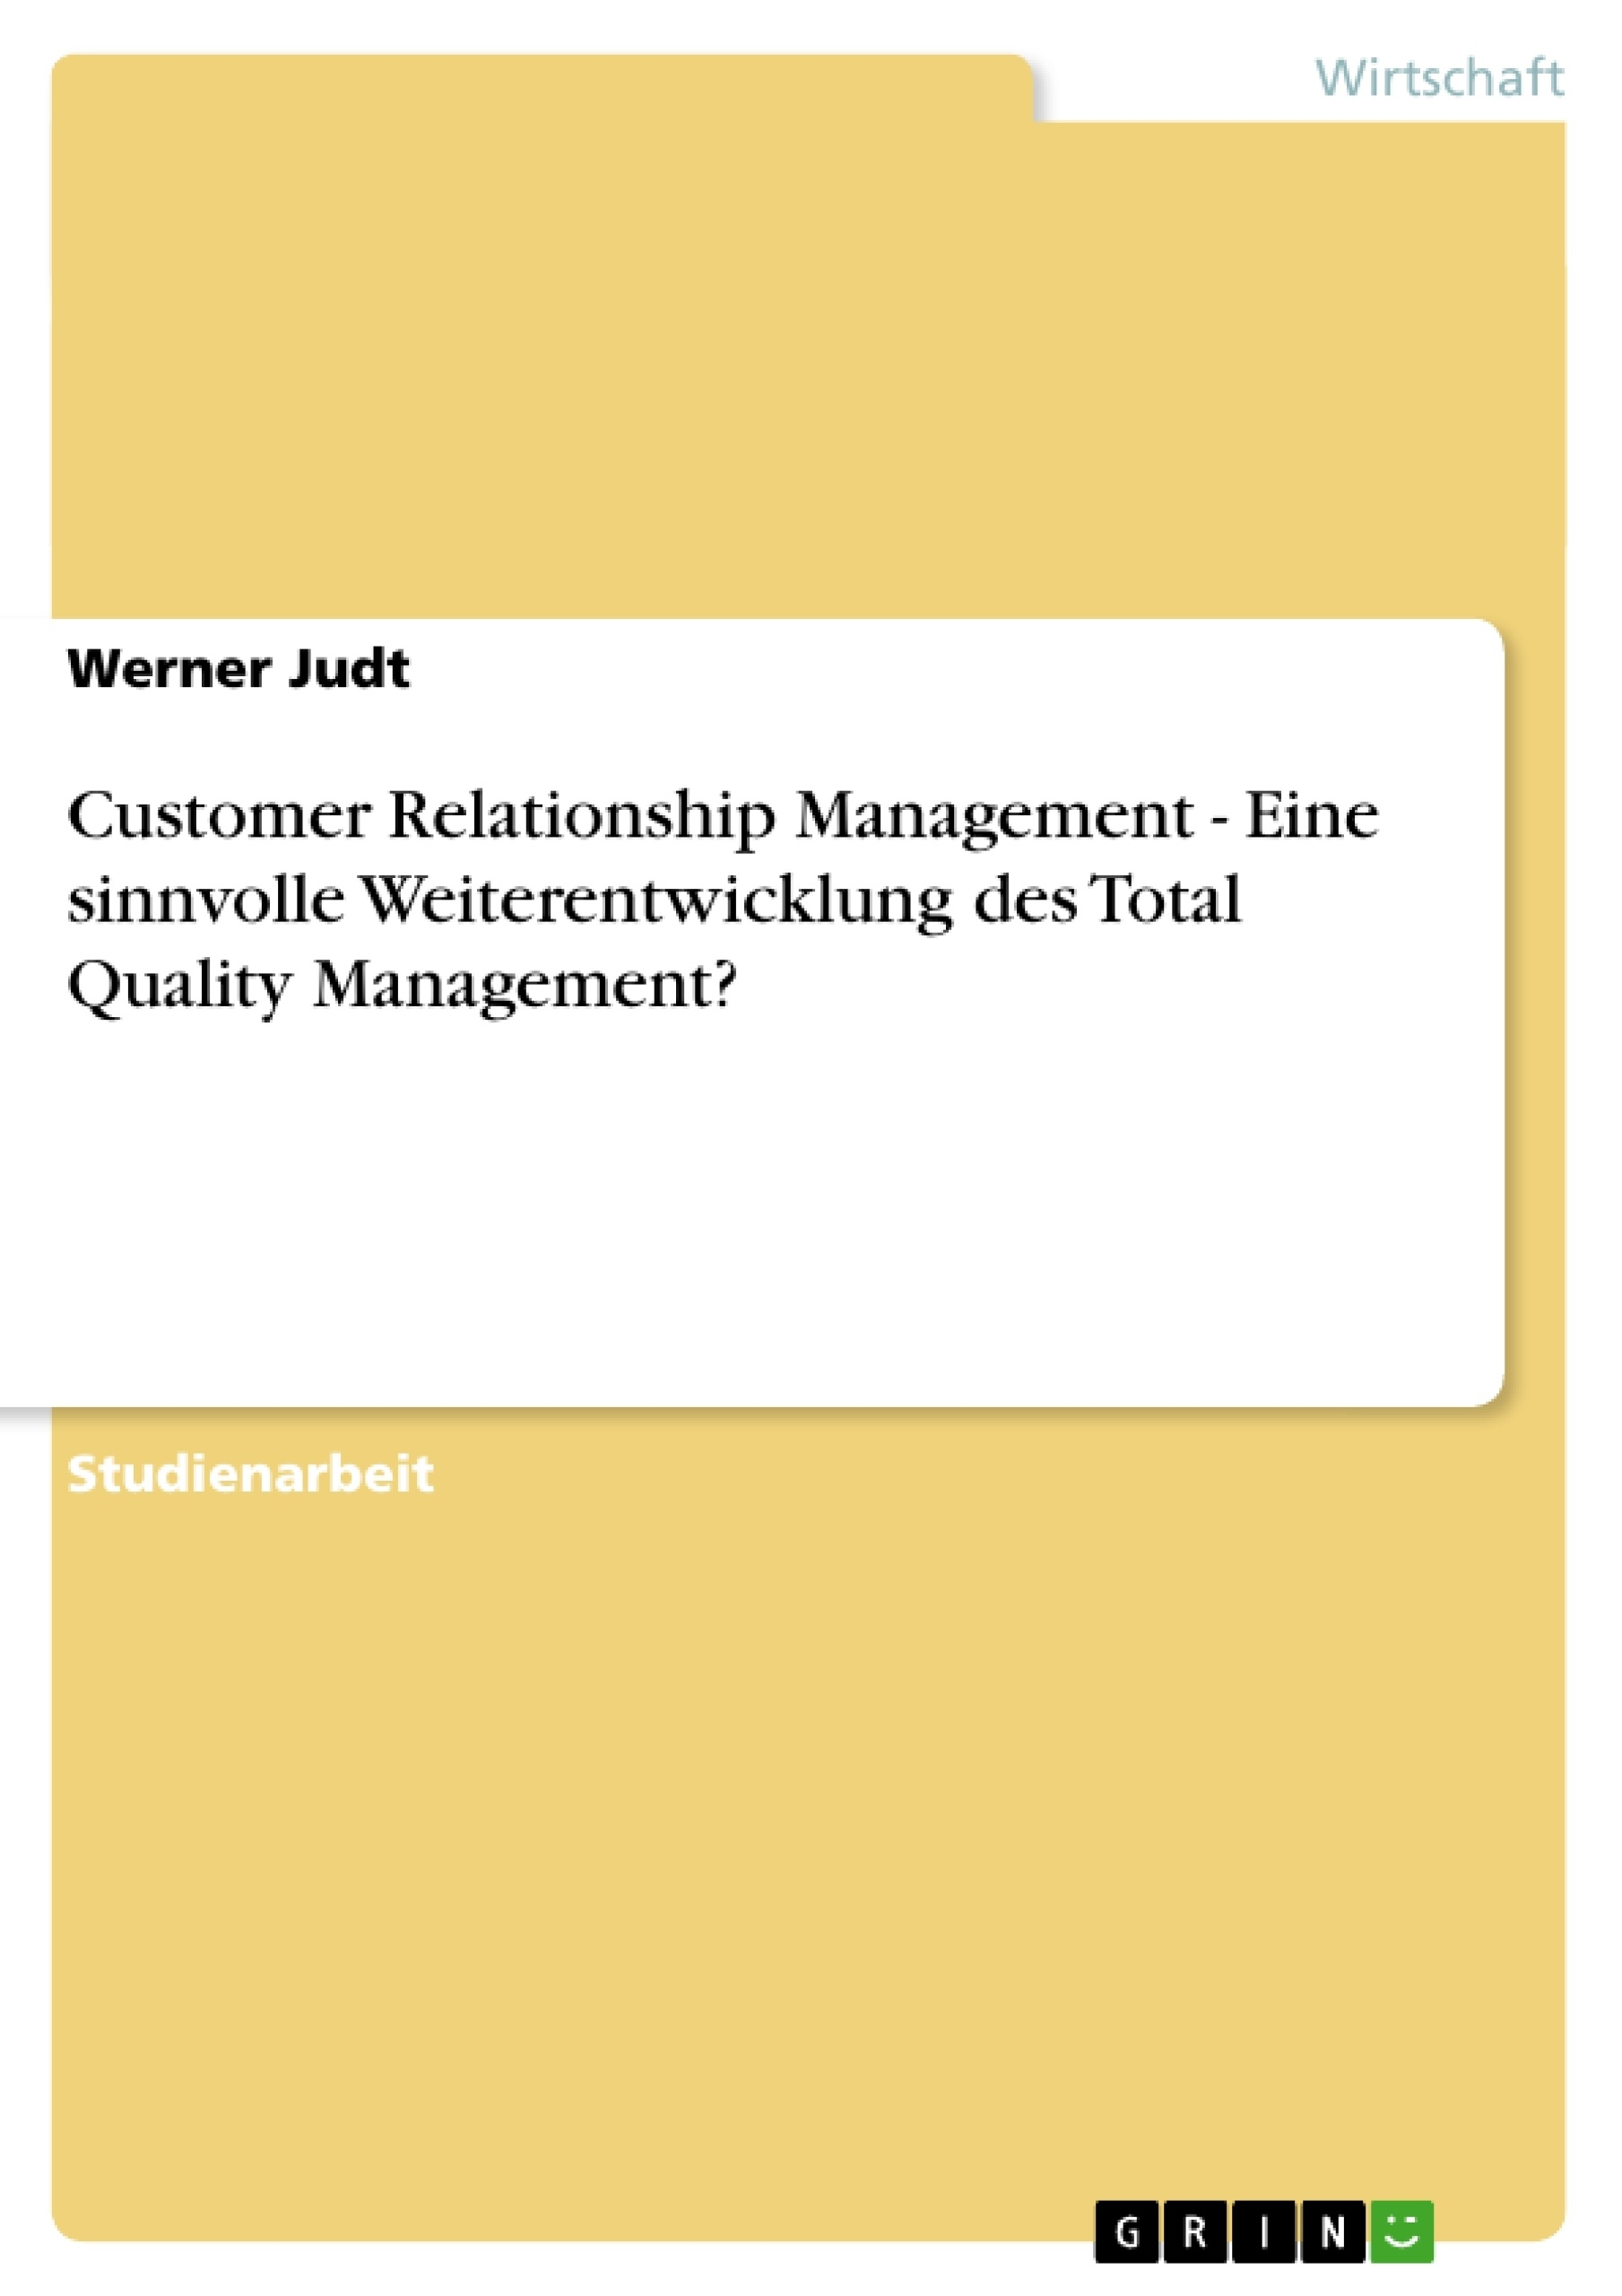 Titel: Customer Relationship Management - Eine sinnvolle Weiterentwicklung des Total Quality Management?